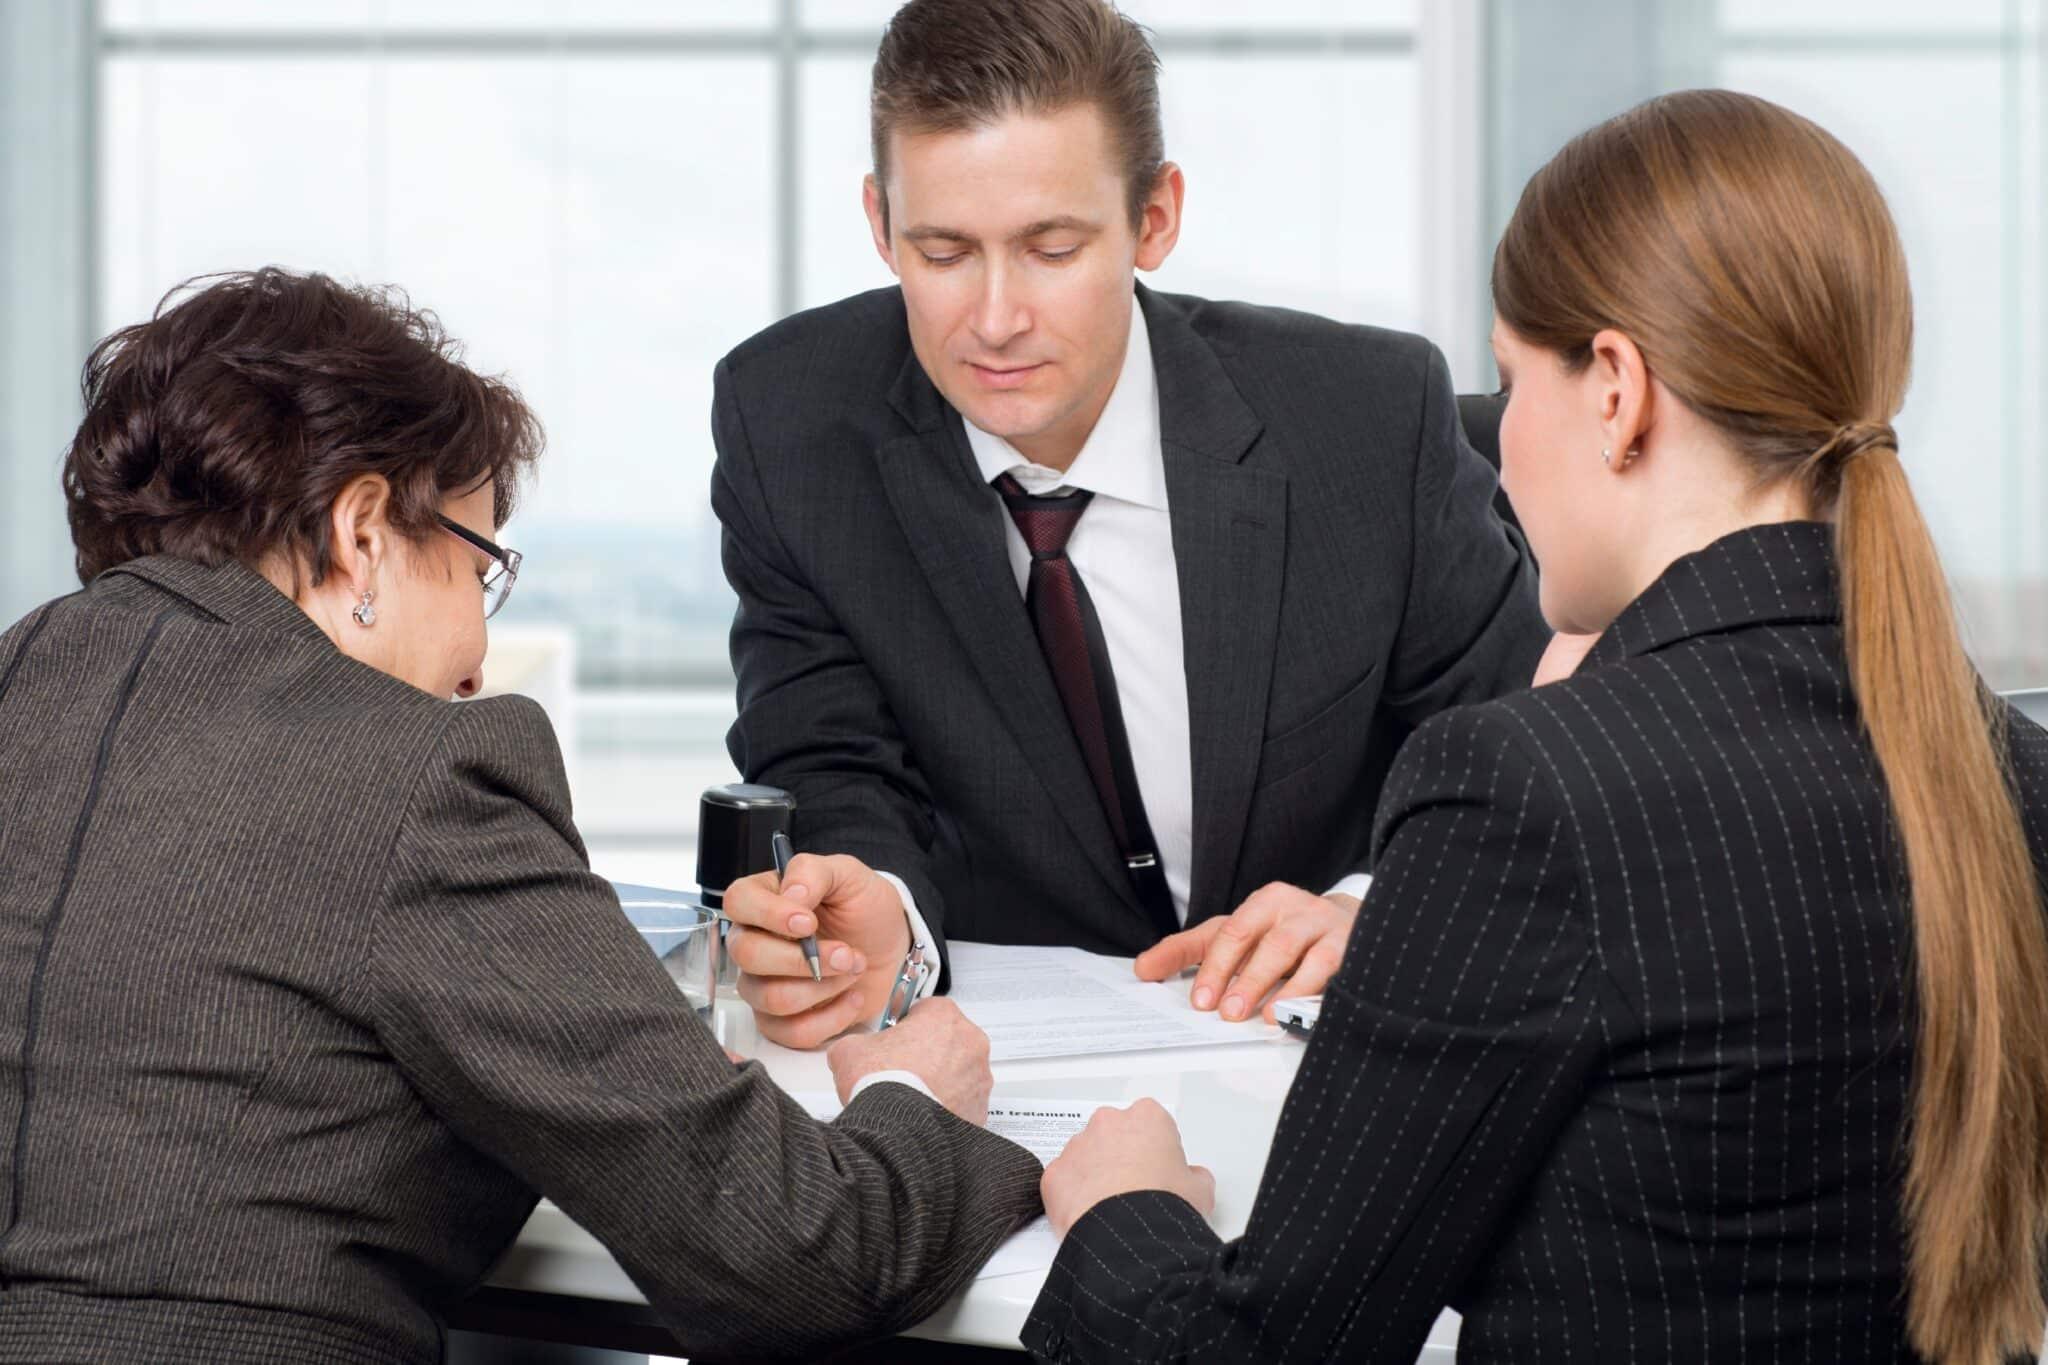 Сделки с долевой собственностью упростили: нужно ли оформлять сделку нотариально